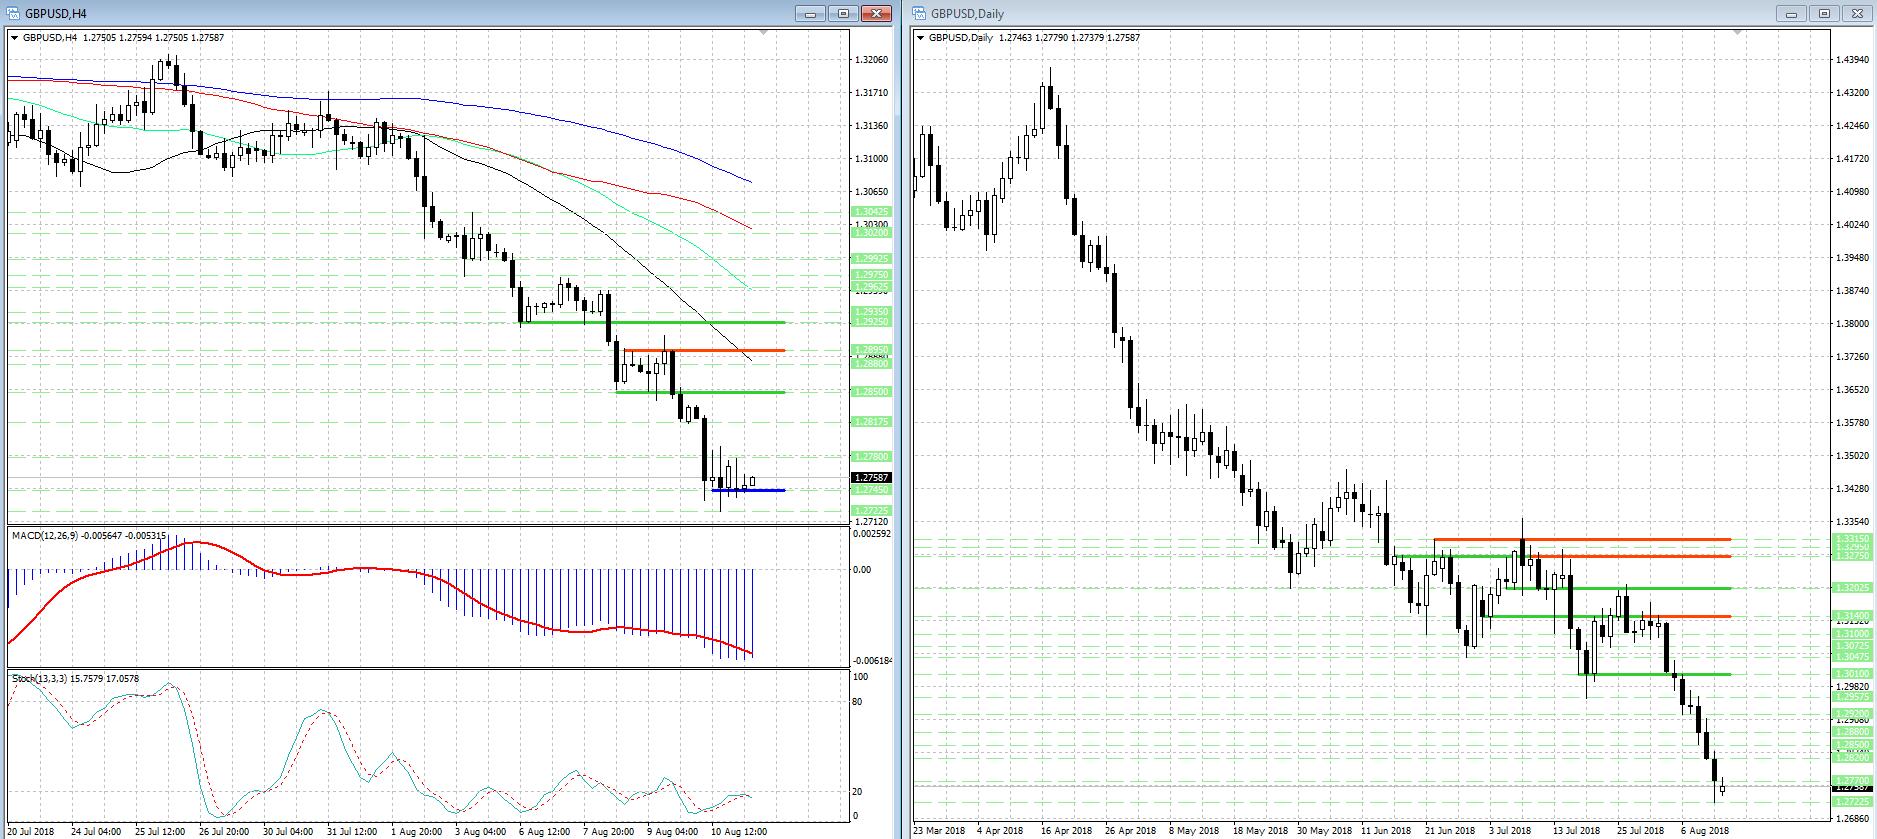 Снижение GBP/USD замедлилось, быки пытаются контратаковать...